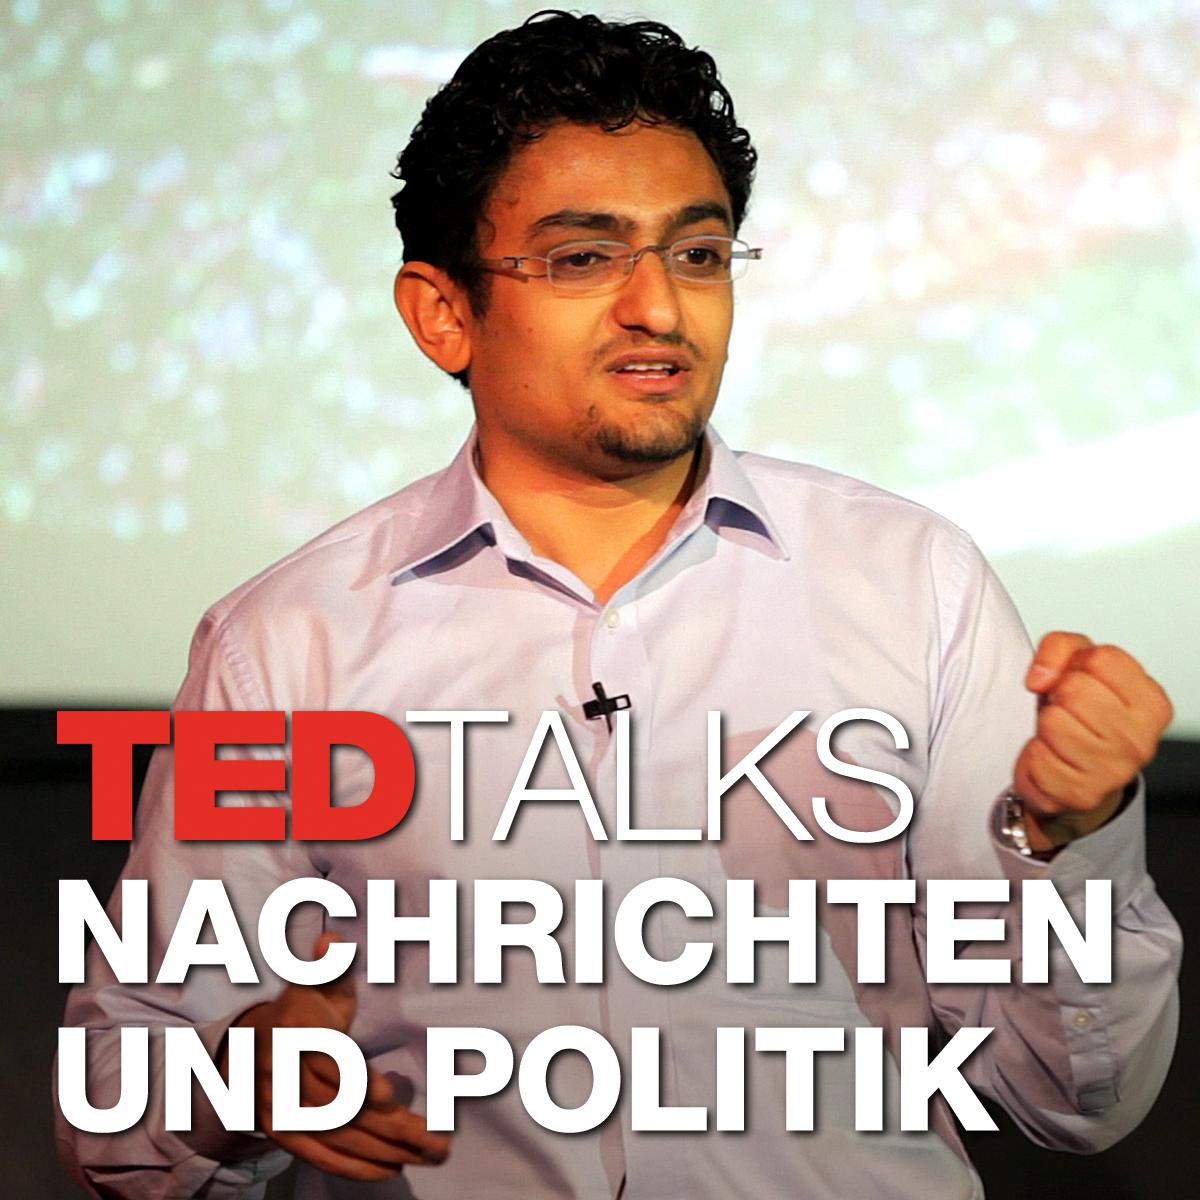 TEDTalks Nachrichten und Politik